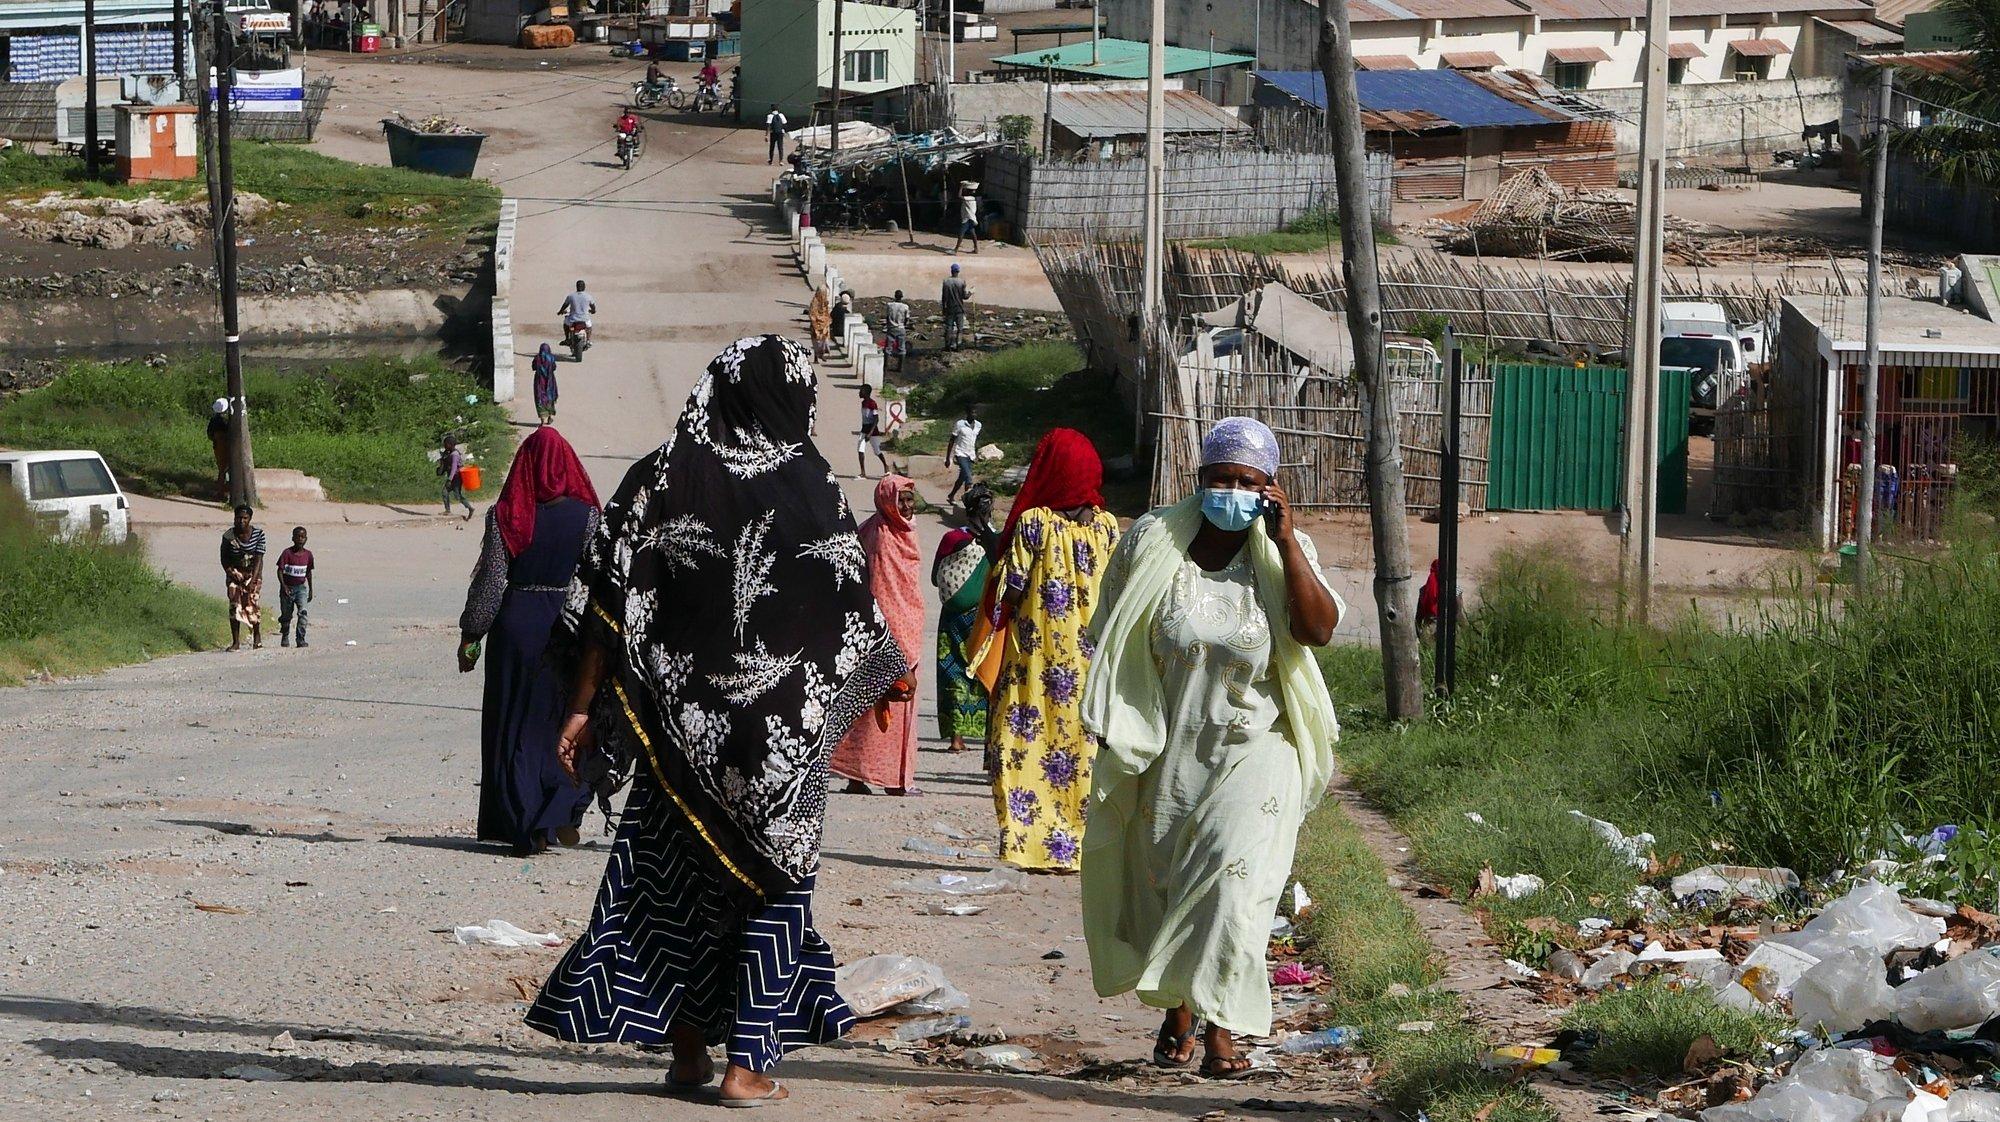 Deslocados de Palma, em Pemba, Moçambique, 02 de abril de 2021. LUÍS MIGUEL FONSECA/LUSA